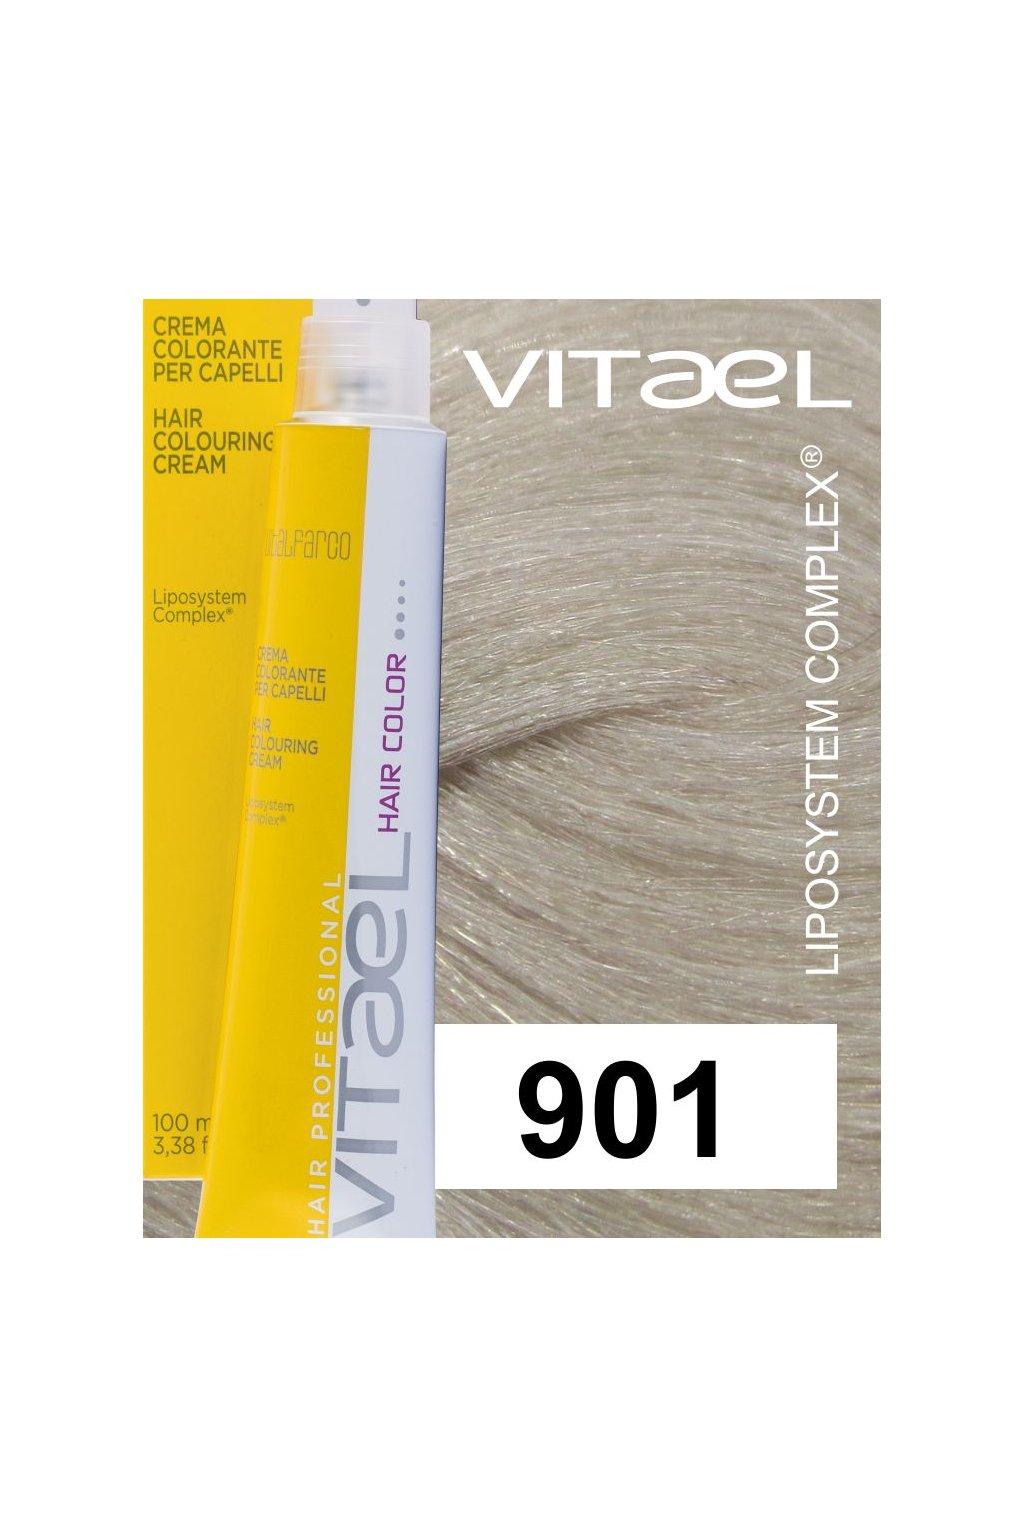 901 VIT